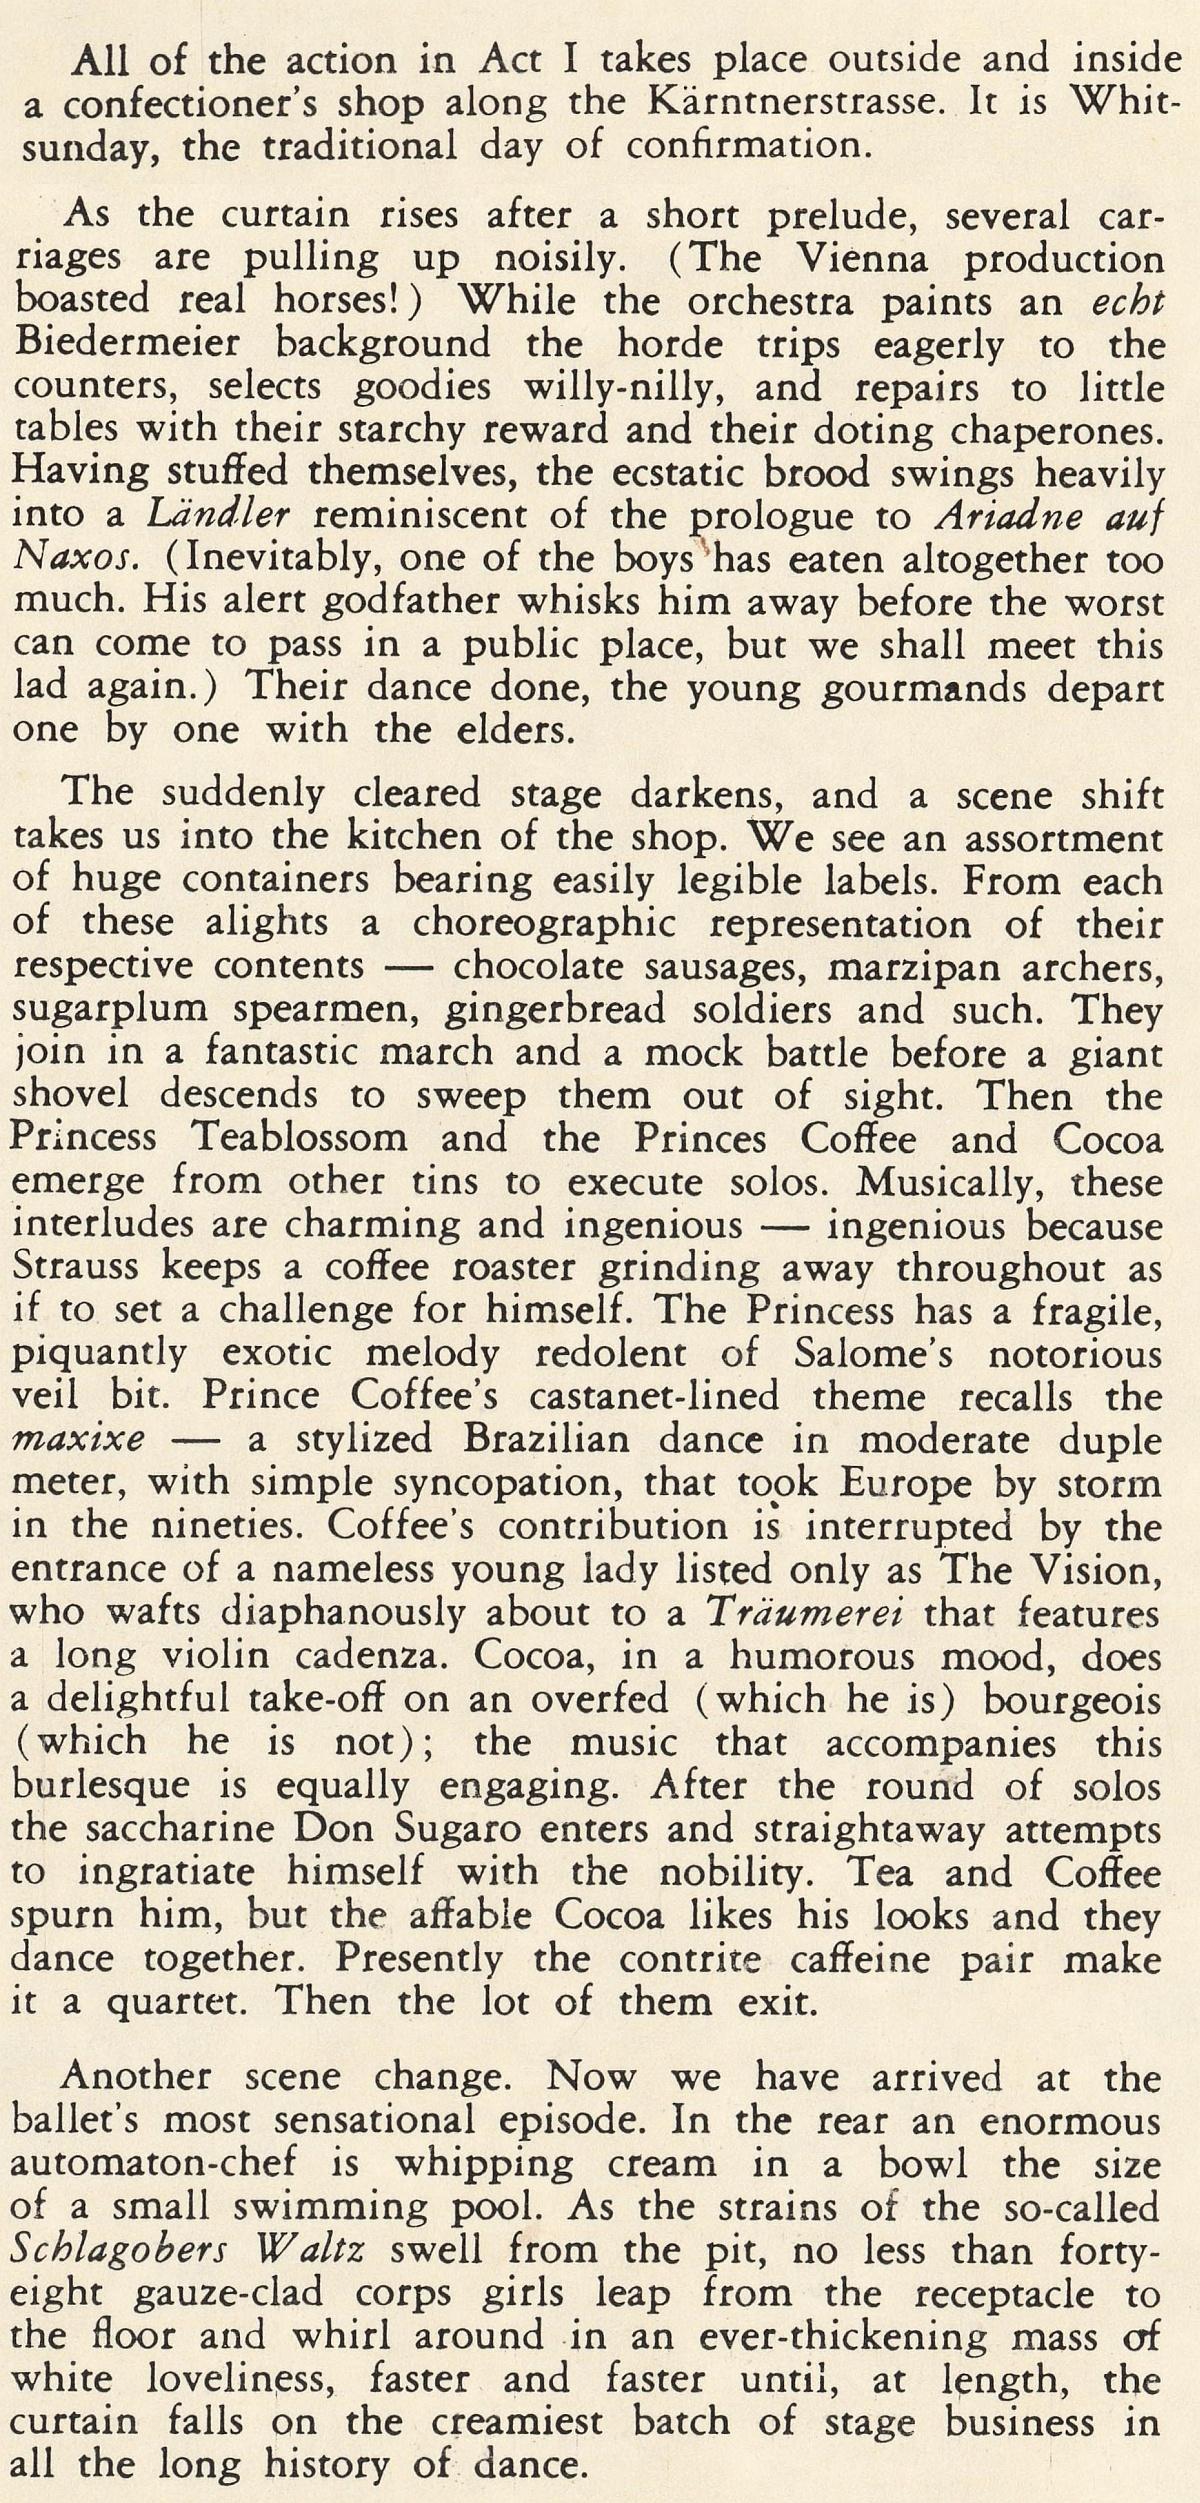 Action du 1er acte, cité des notes de James Lyons publiées au verso de l'album Lyrichord Stéréo LLST 741